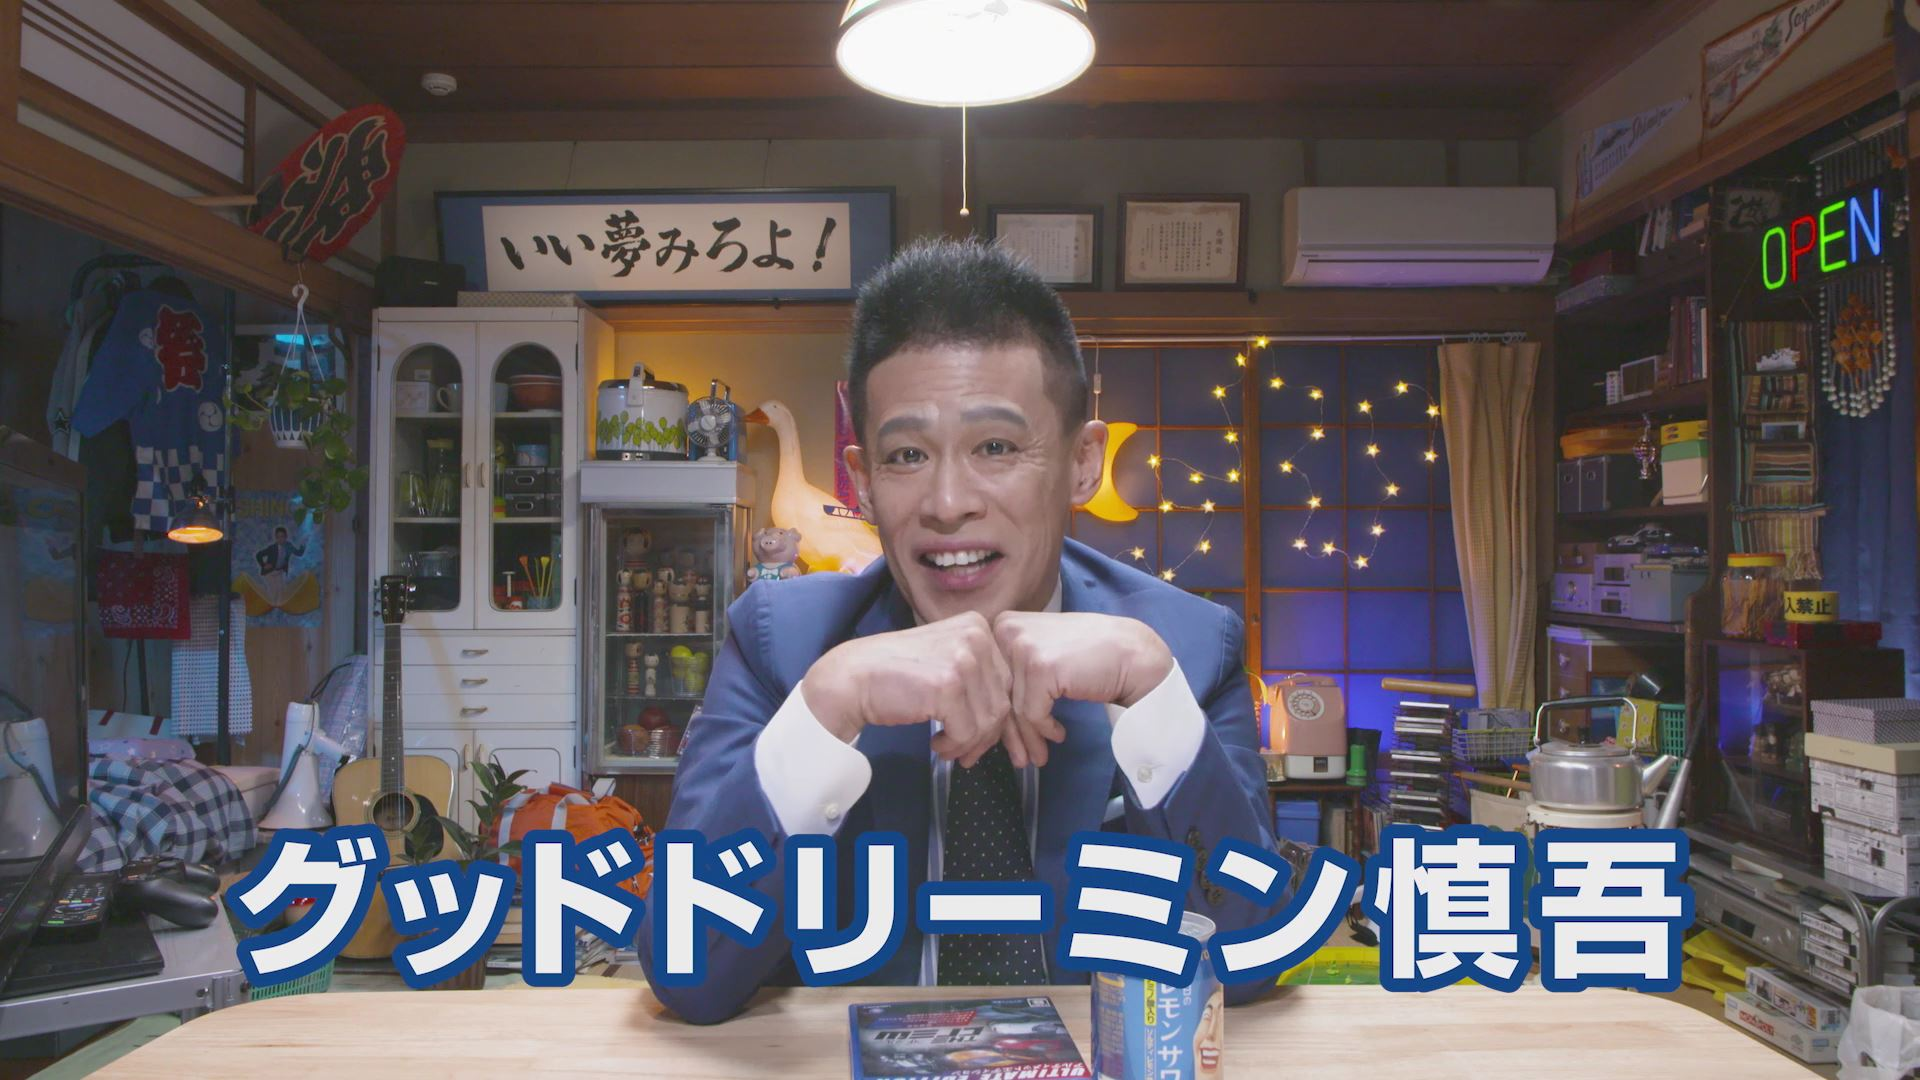 【ゲーム実況】柳沢慎吾が実況プレイいい夢みろよTV | #昭和からやってきたYouTuber